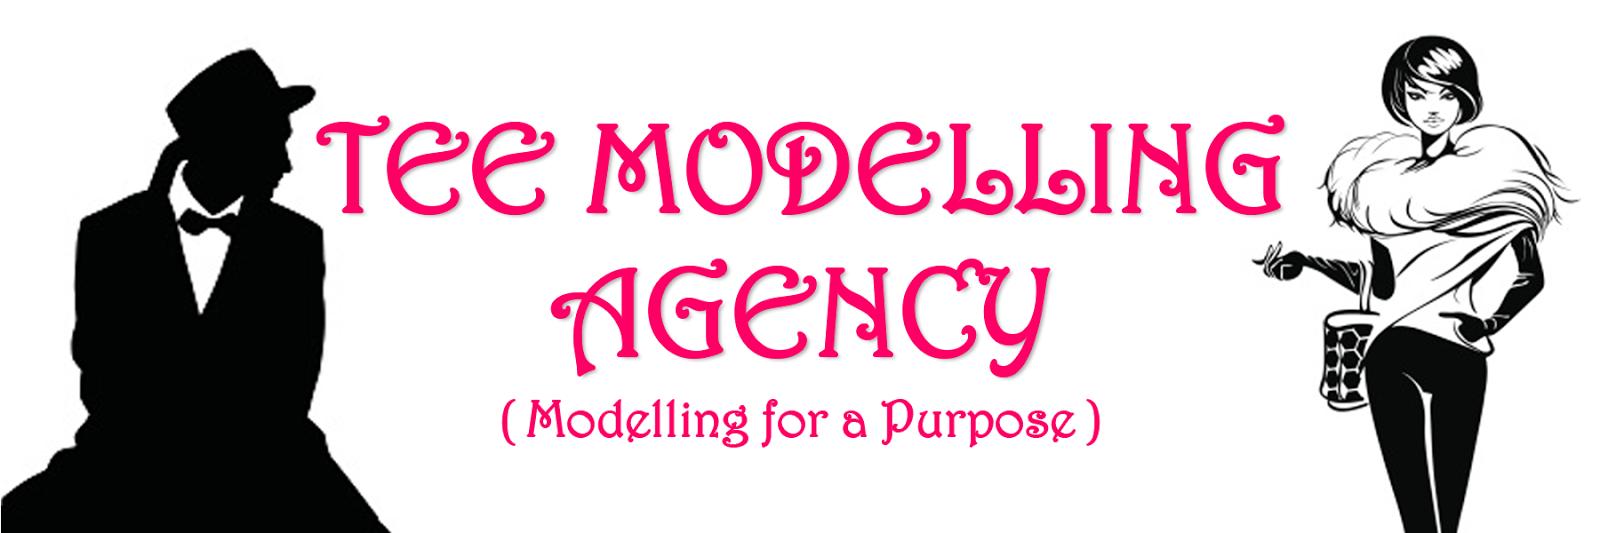 Tee Modelling Agency